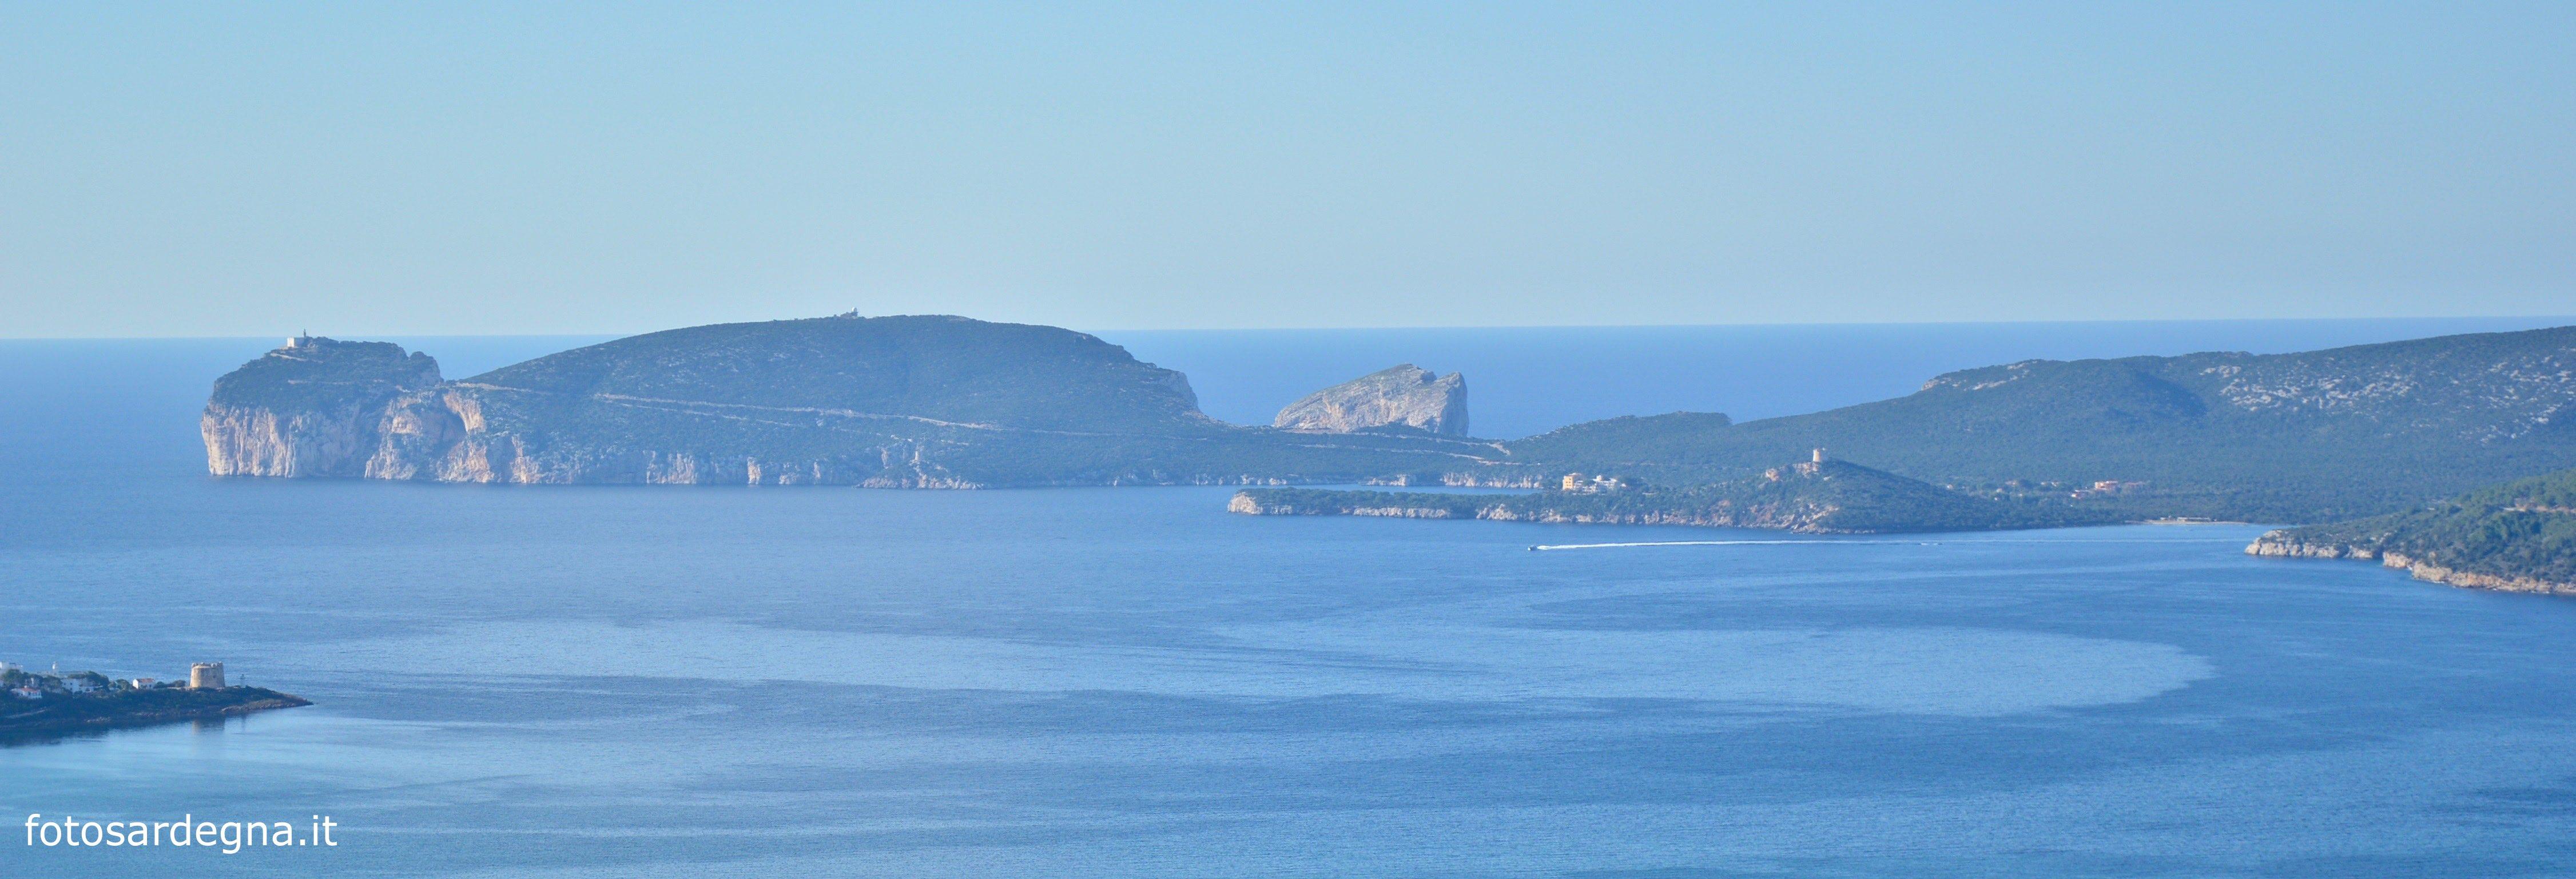 La Baia di Porto Conte è chiusa sul lato occidentale dal promontorio di Capo Caccia. Vista da Monte Doglia.